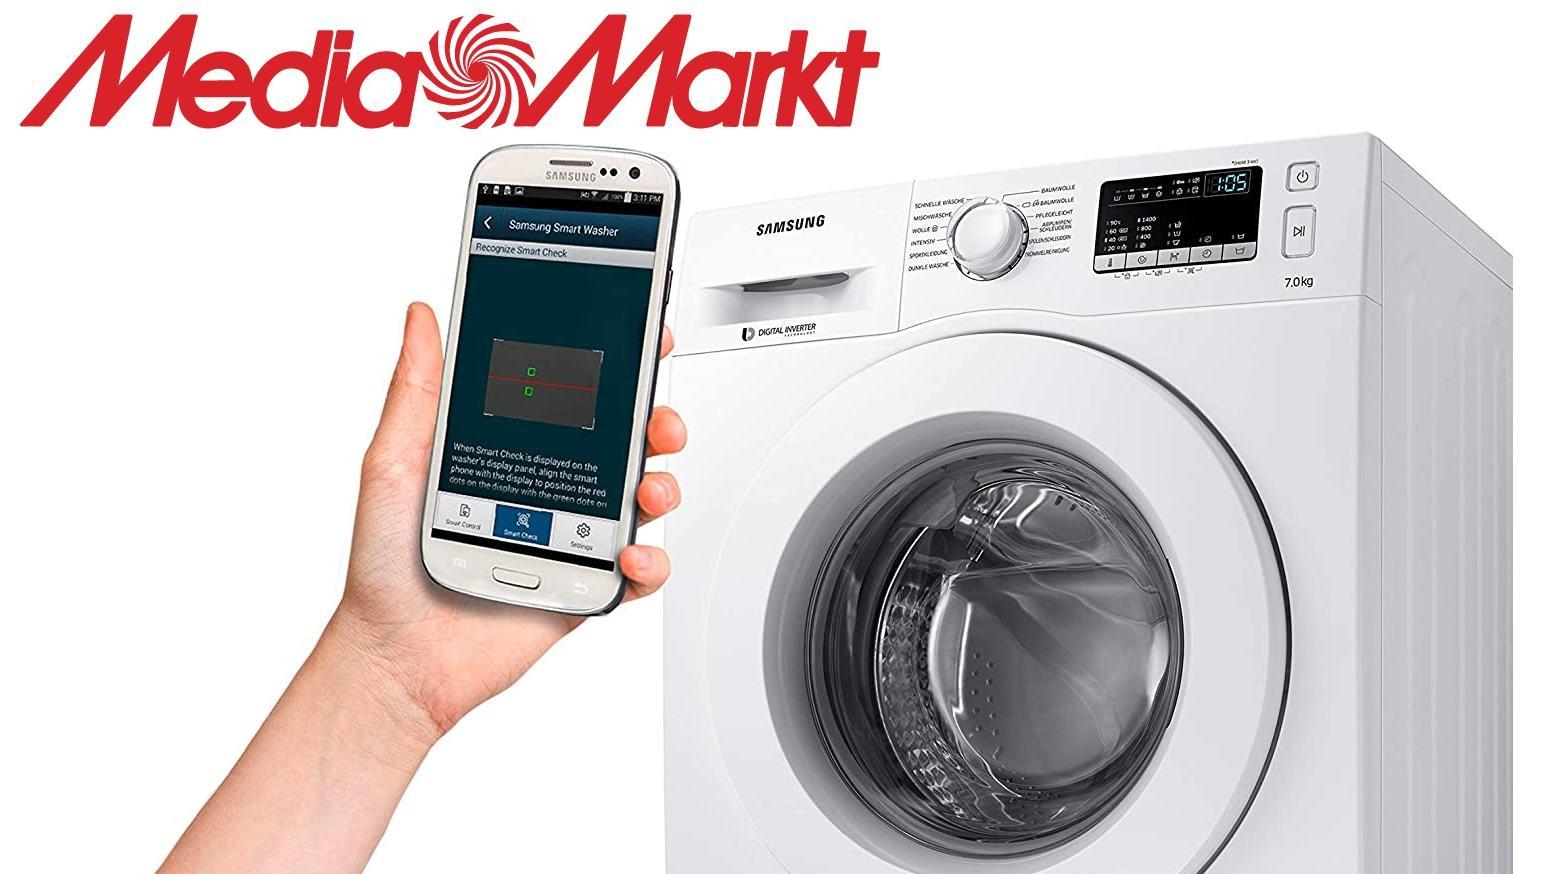 Media Markt hat derzeit einen Waschmaschine von Samsung im Angebot.